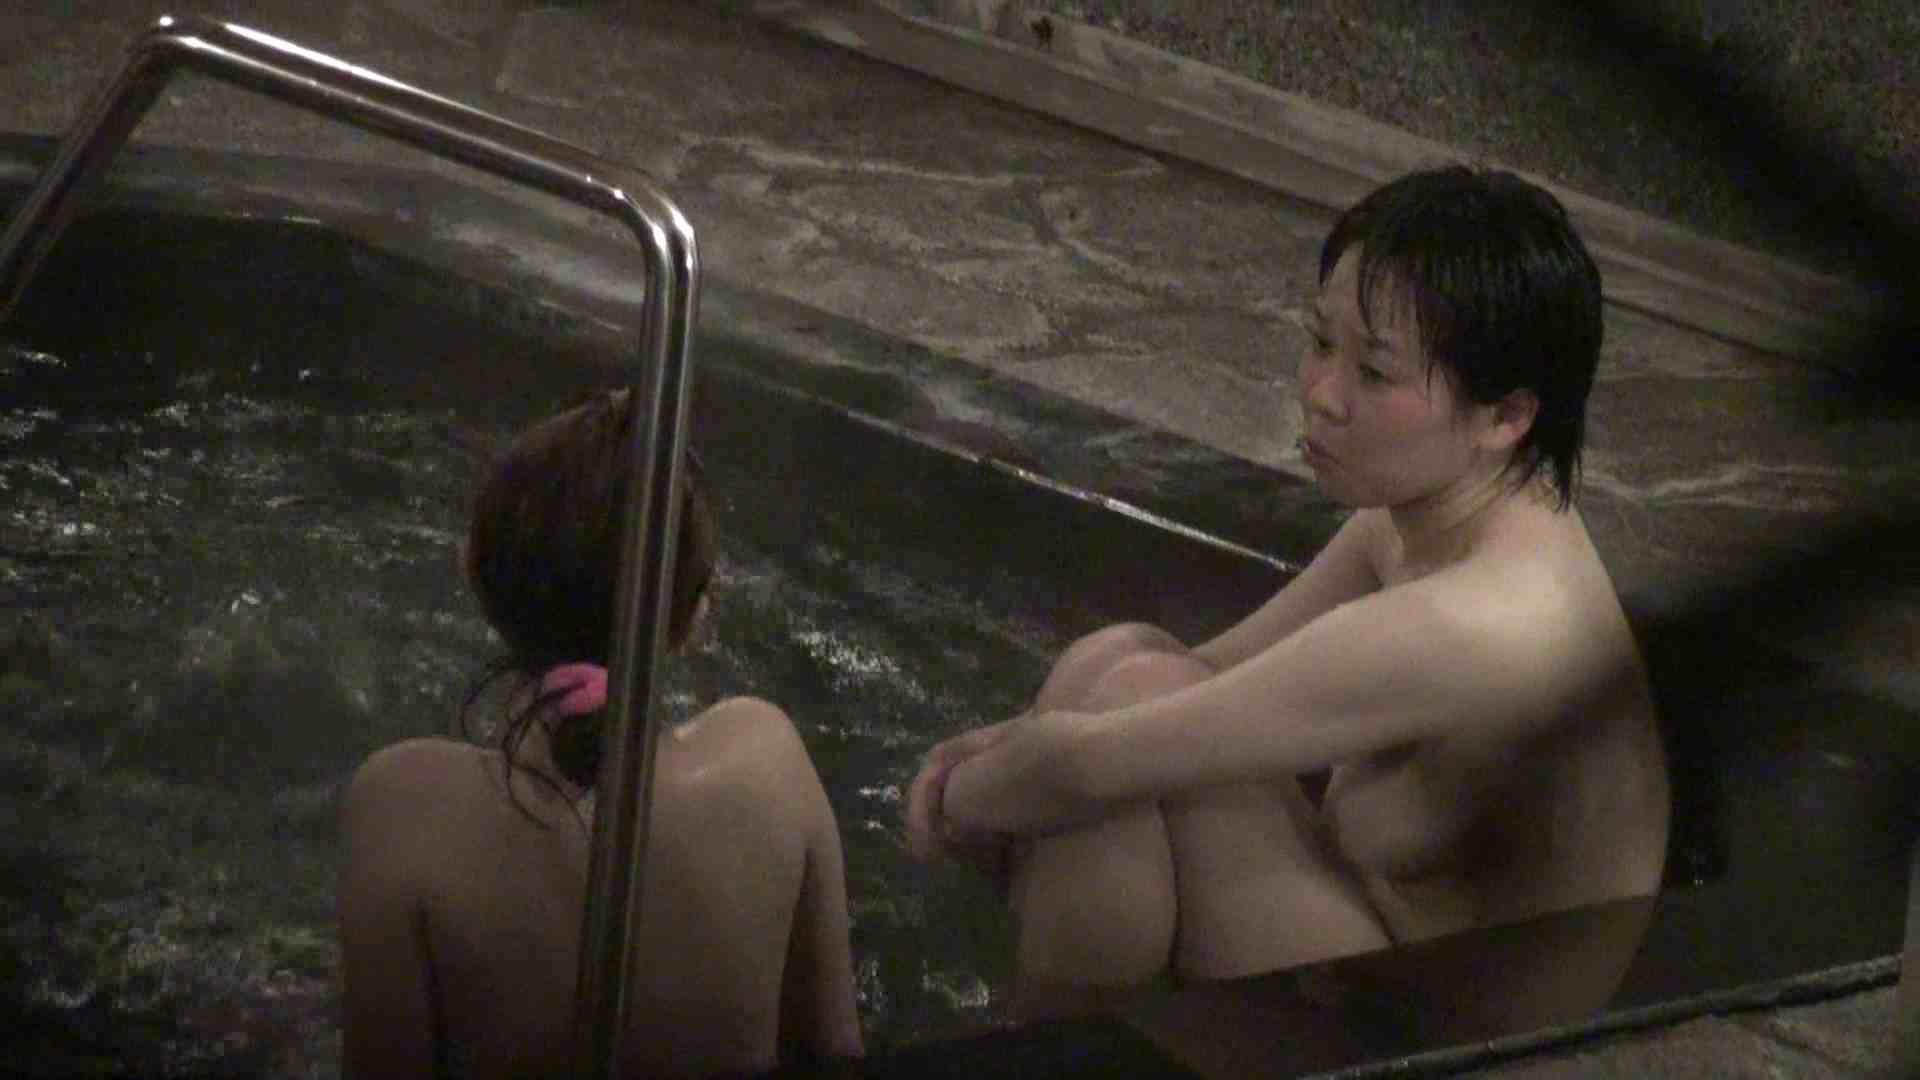 Aquaな露天風呂Vol.394 盗撮シリーズ  78PIX 6